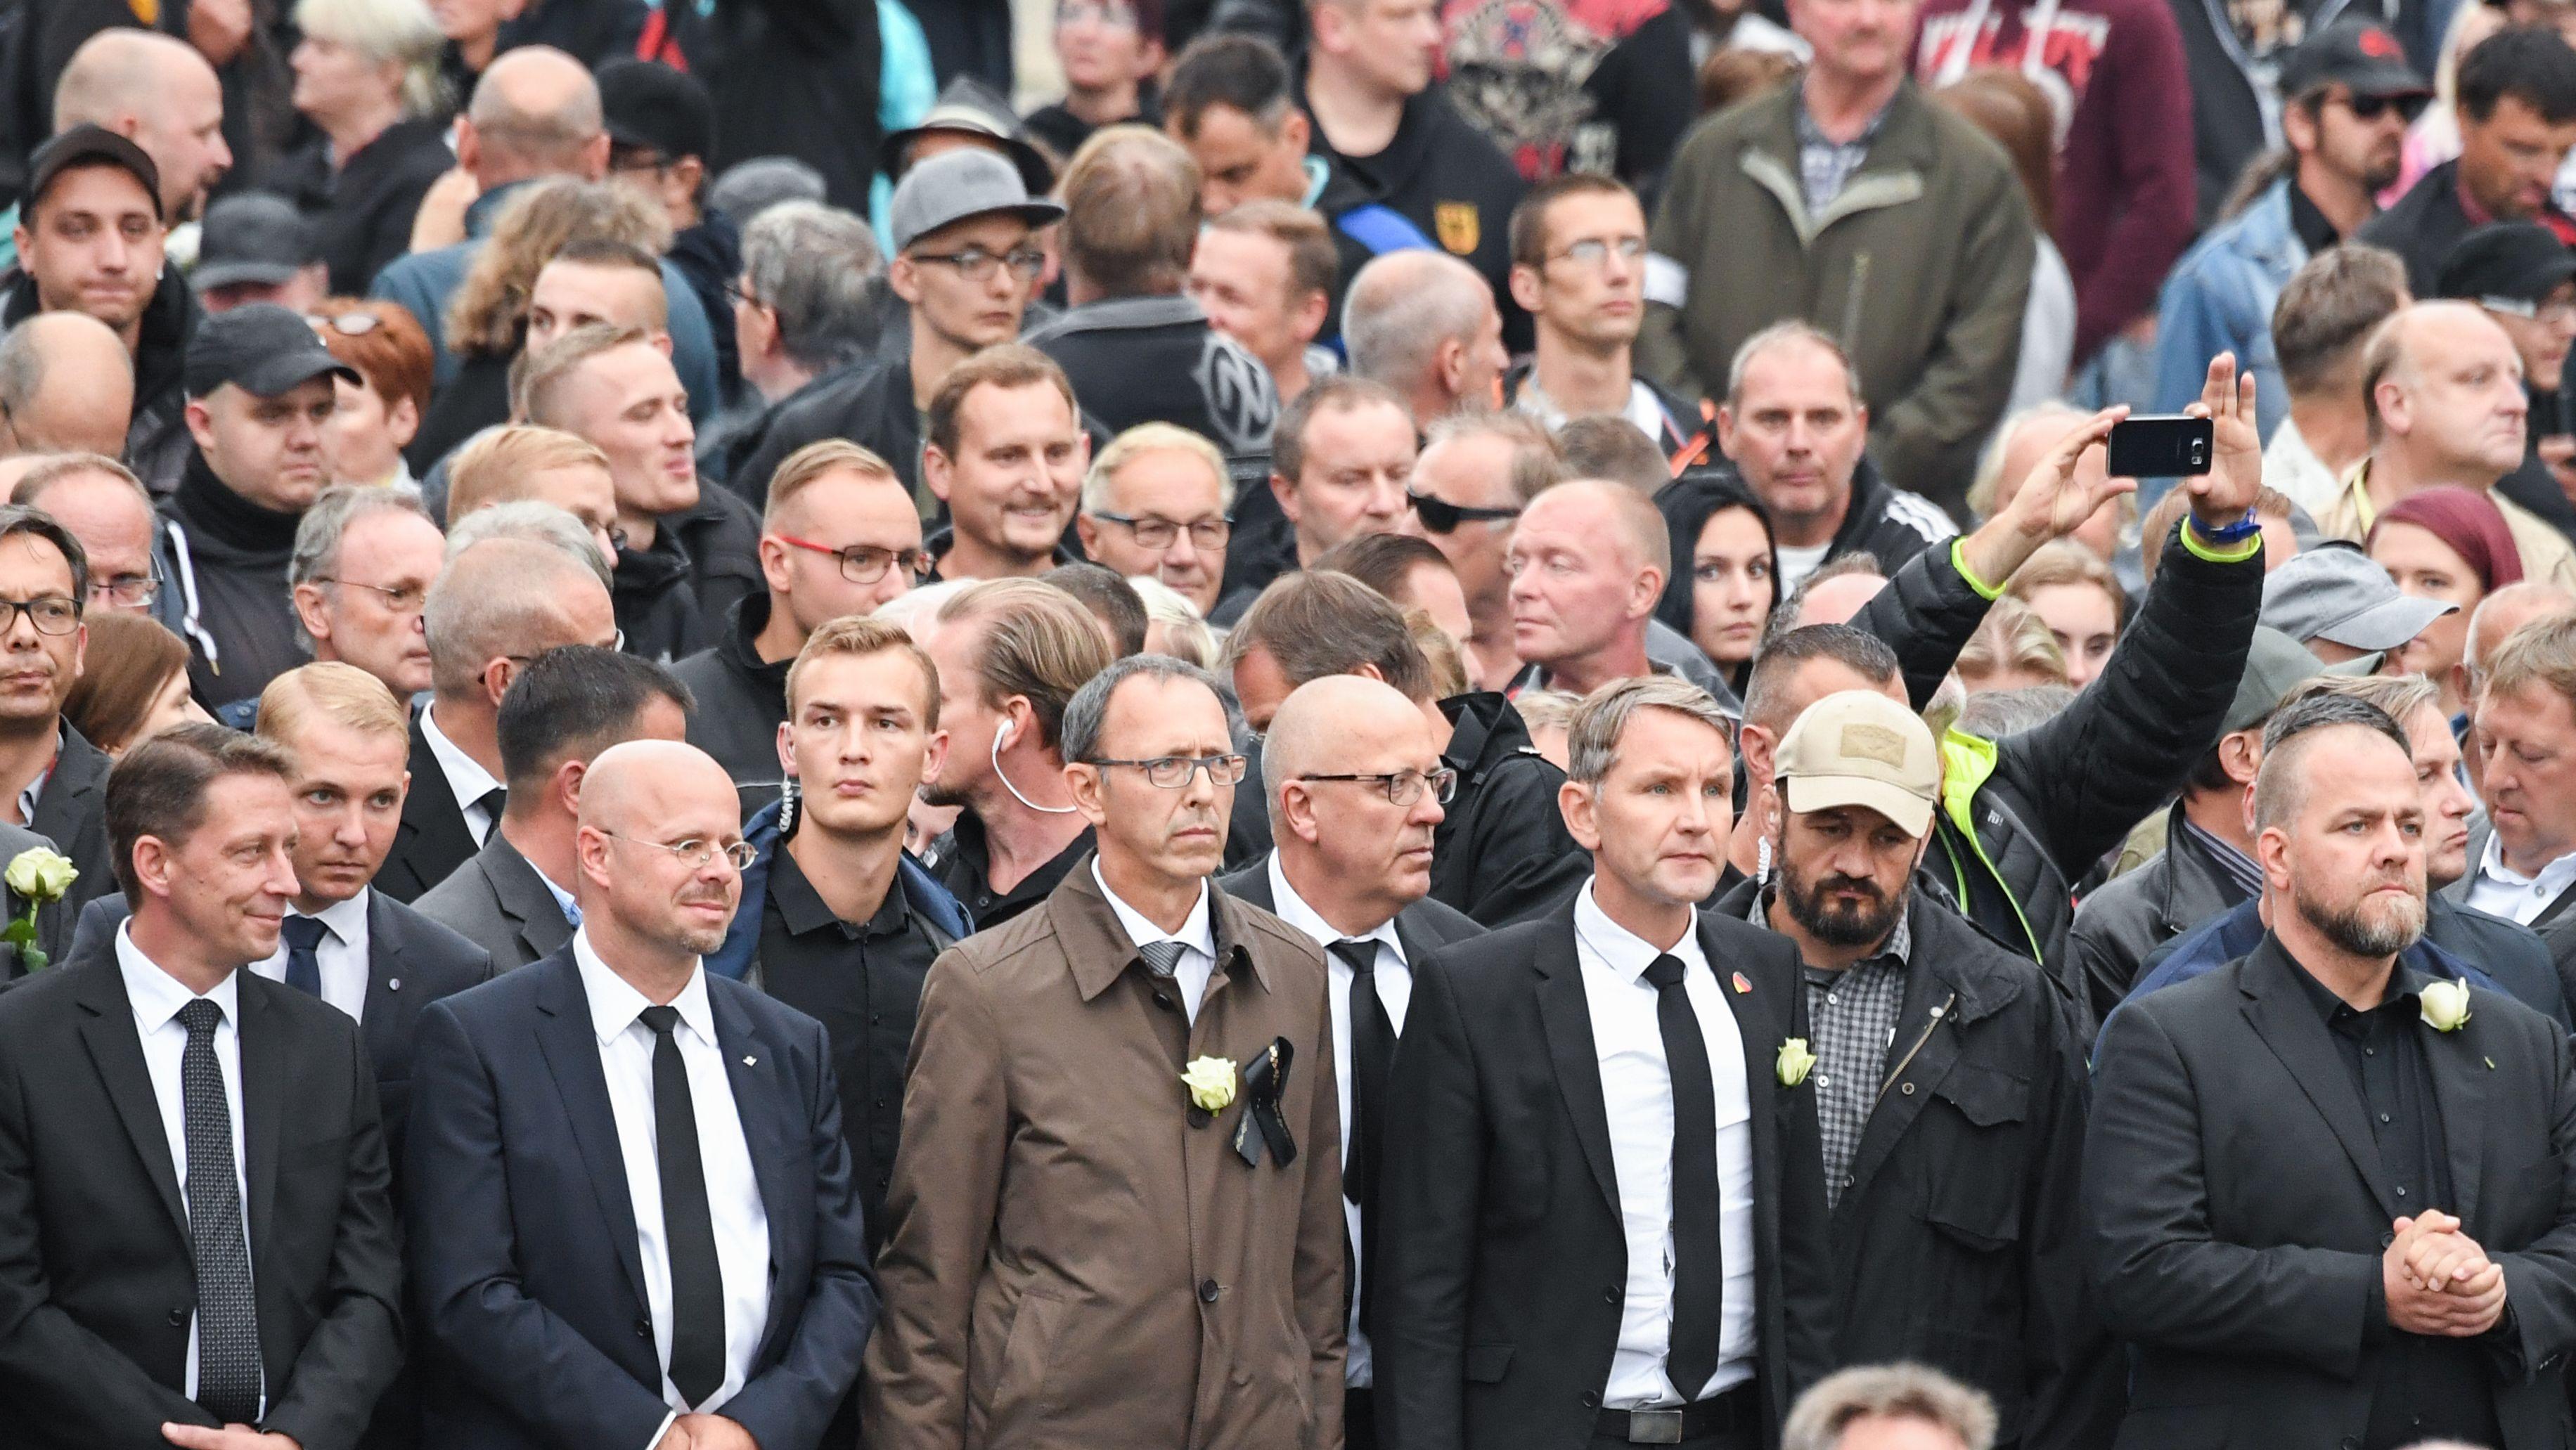 Teilnehmer der Demonstration von AfD und Pegida am 01.09.2018 in Chemnitz ziehen mit Mitgliedern von Pro Chemnitz durch die sächsische Stadt, darunter Björn Höcke und Andreas Kalbitz.